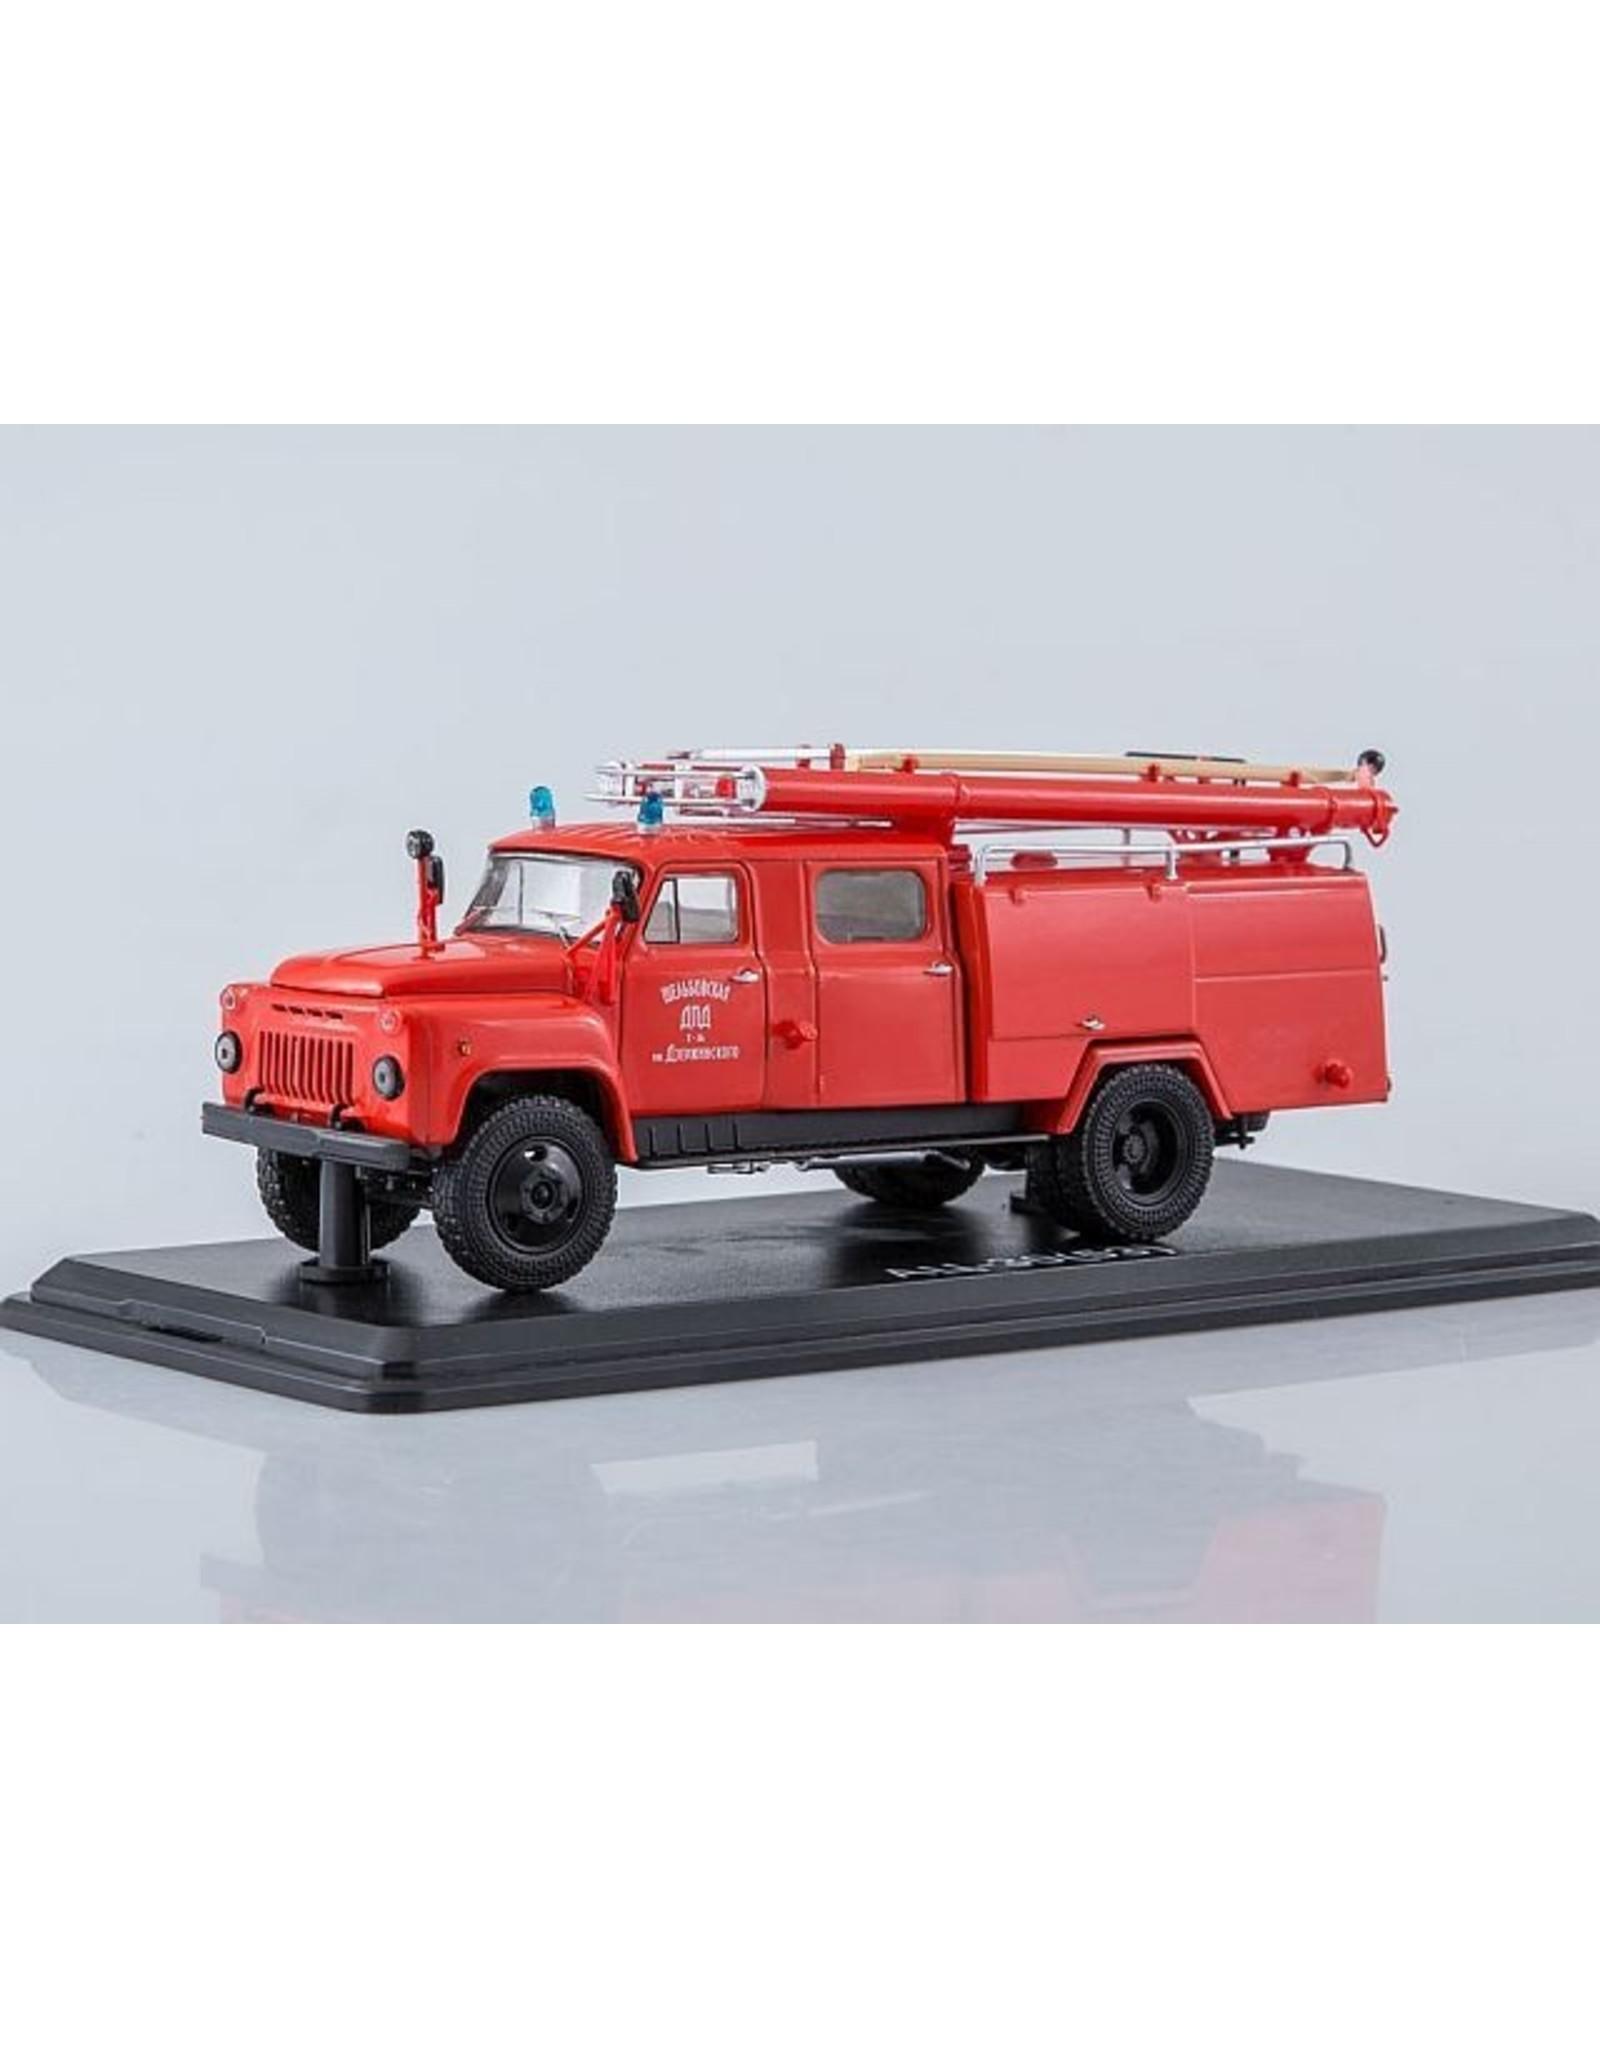 GAZ FIRE TRUCK AC-30(53A)-106A(GAZ-53A)DPD Dzerzhinsky kolhoz